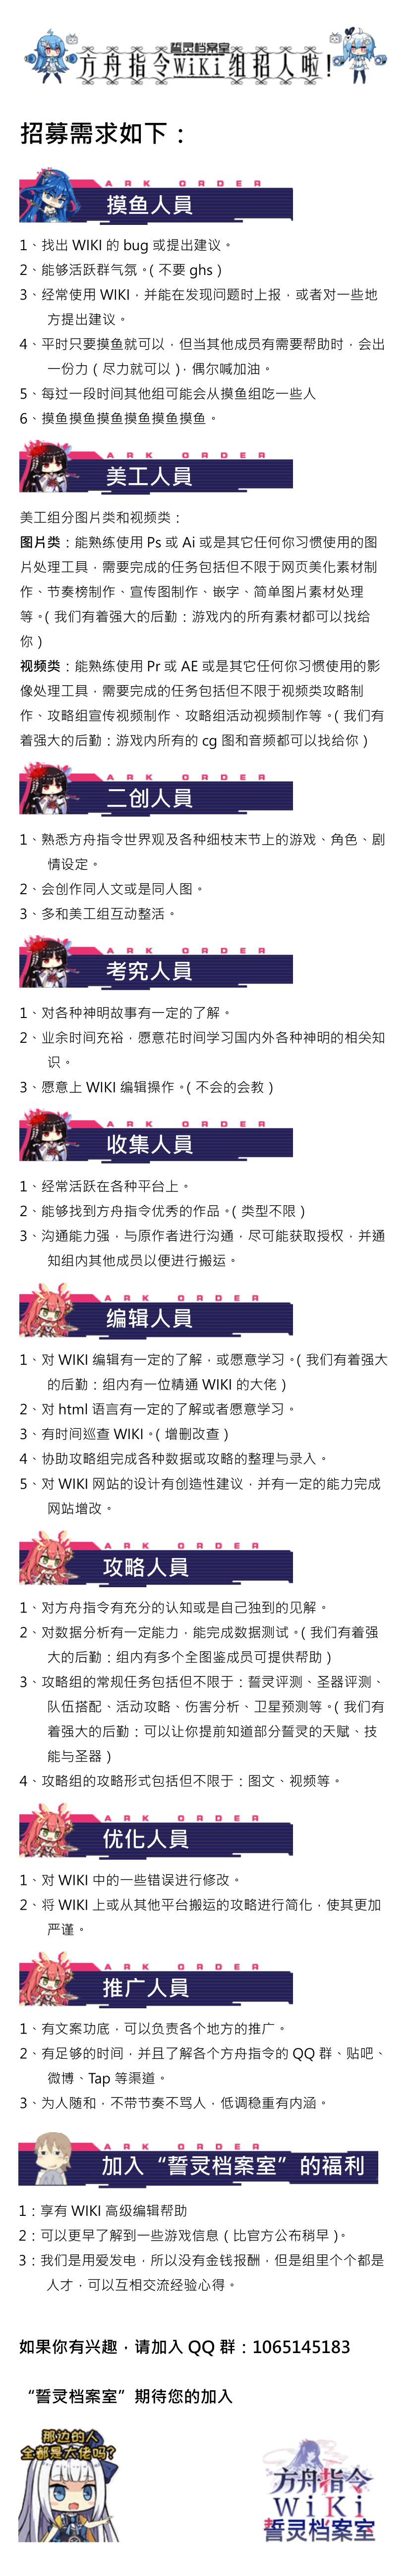 誓灵档案室招募.png